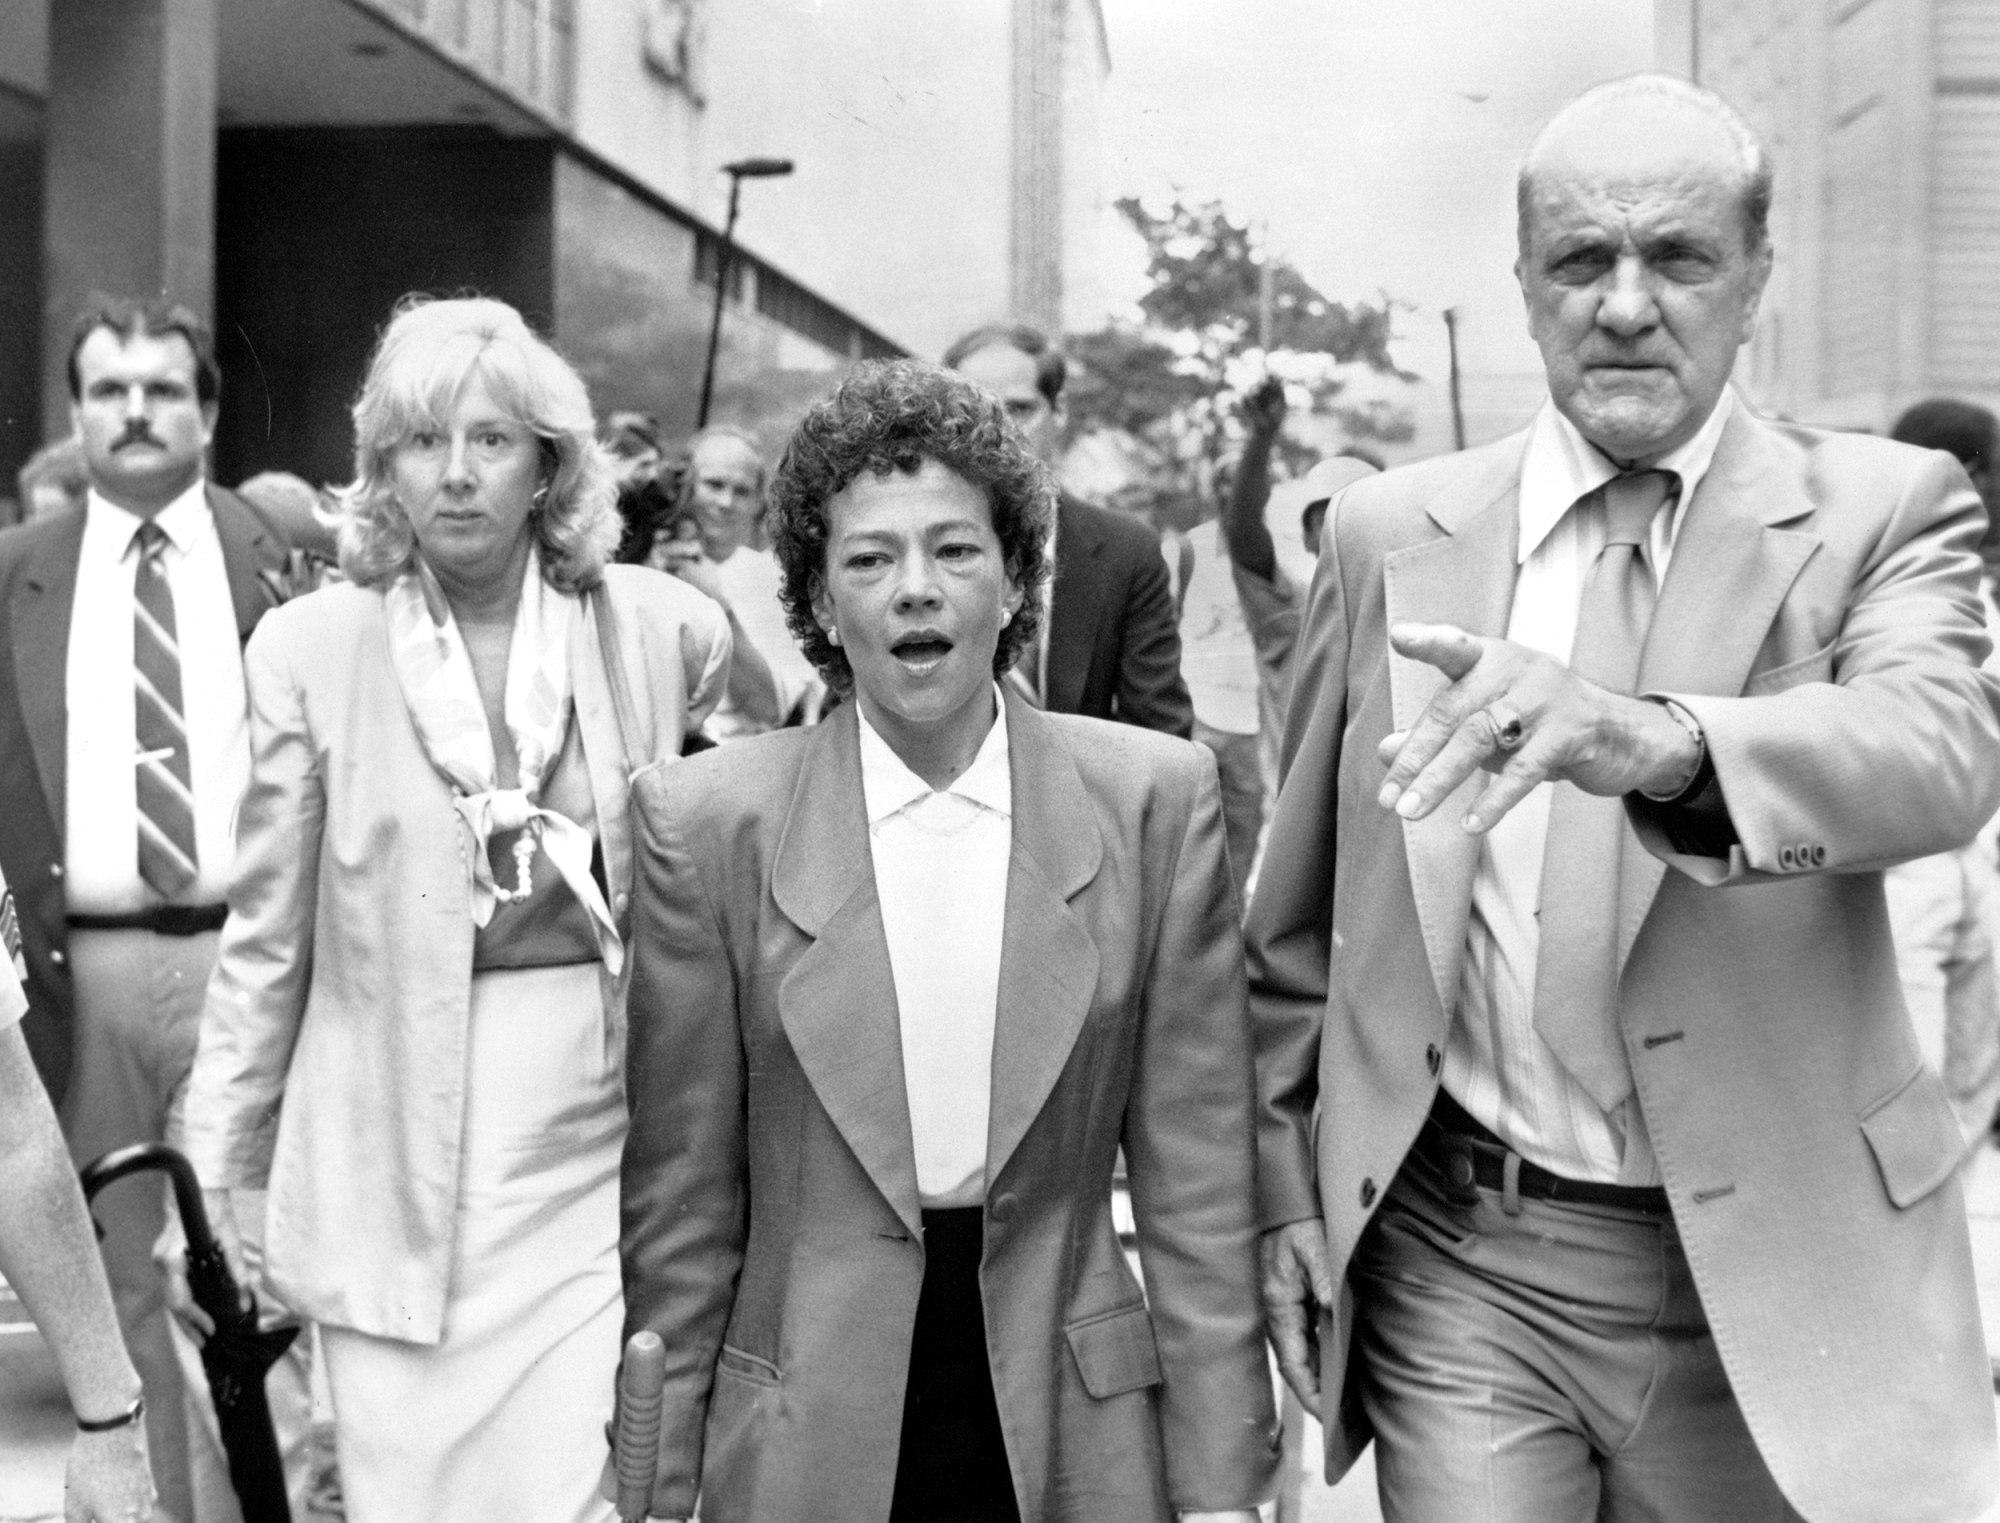 Elizabeth Lederer and Linda Fairstein together during prosecution of Central Park Five.